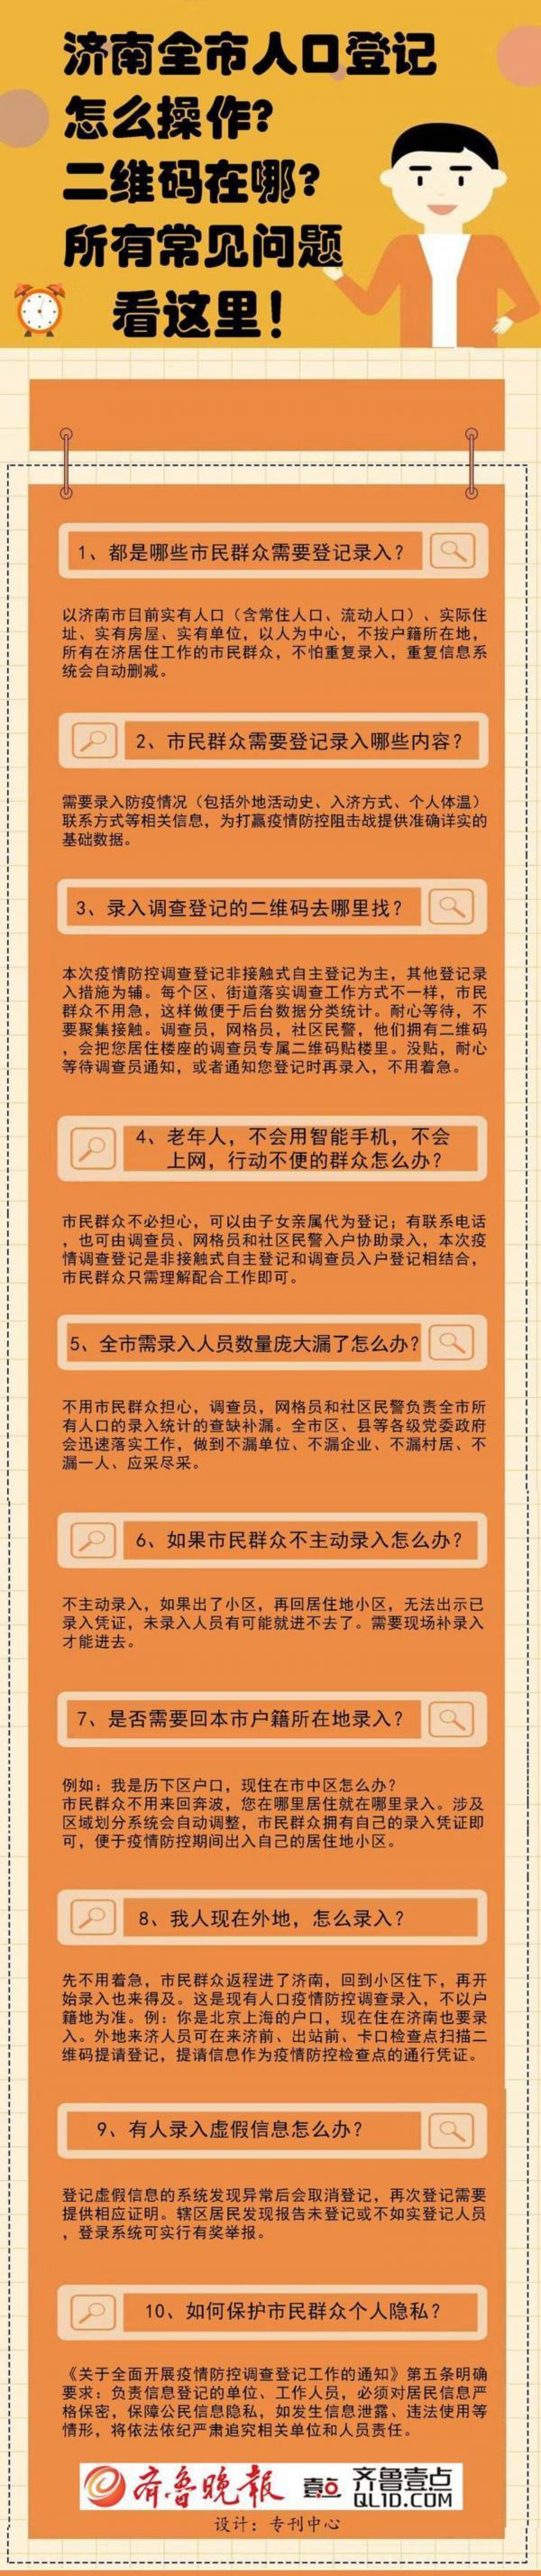 济南全市人口登记怎么操作?哪些人需要登记?你想知道的都在这里